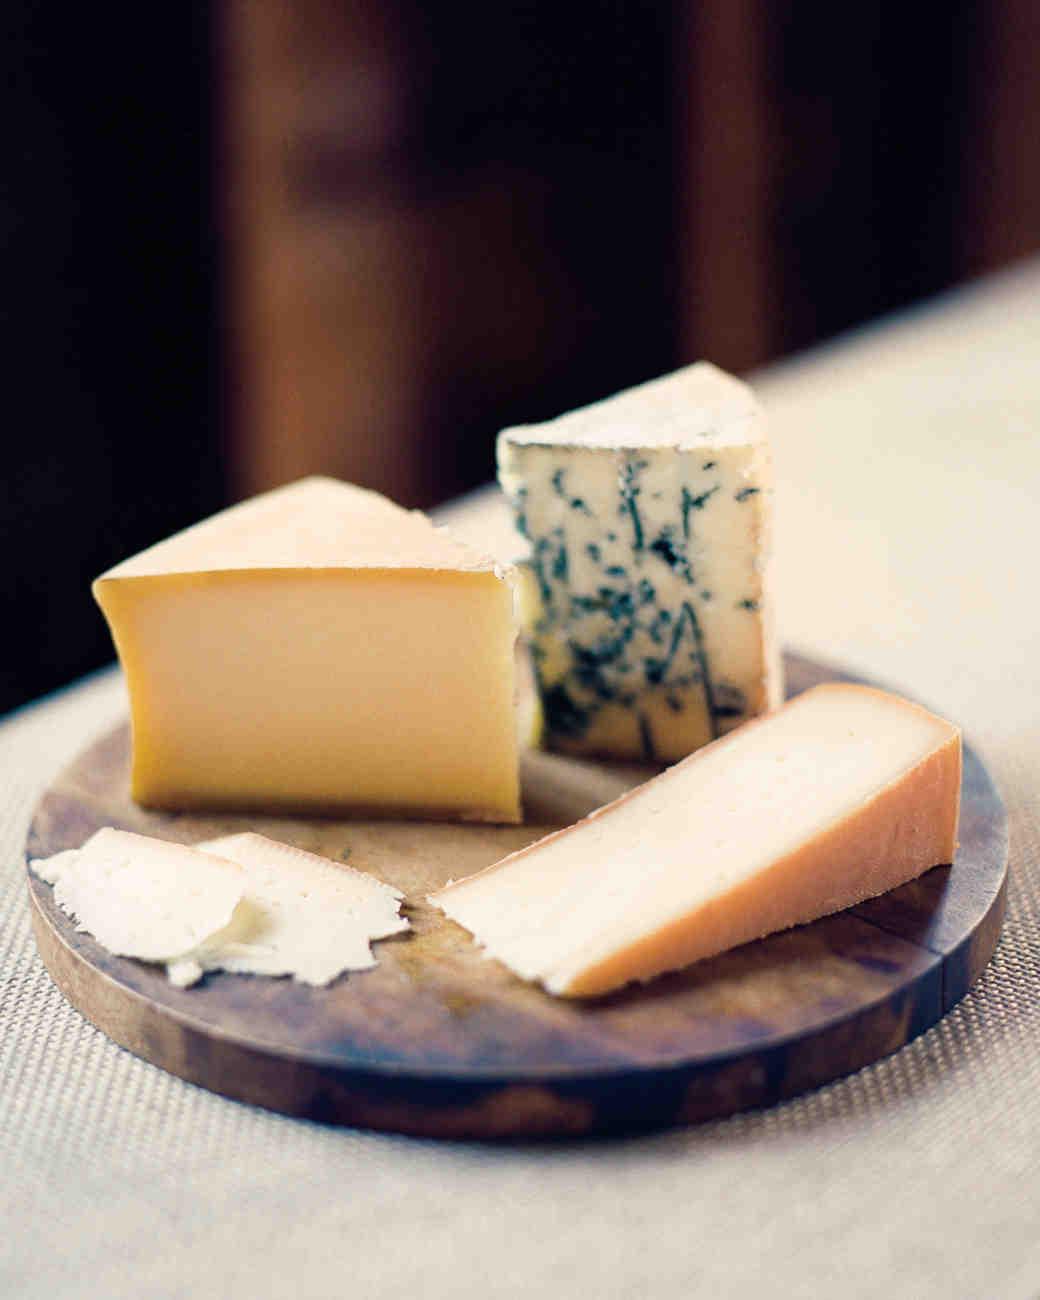 cheese-mwd107926.jpg